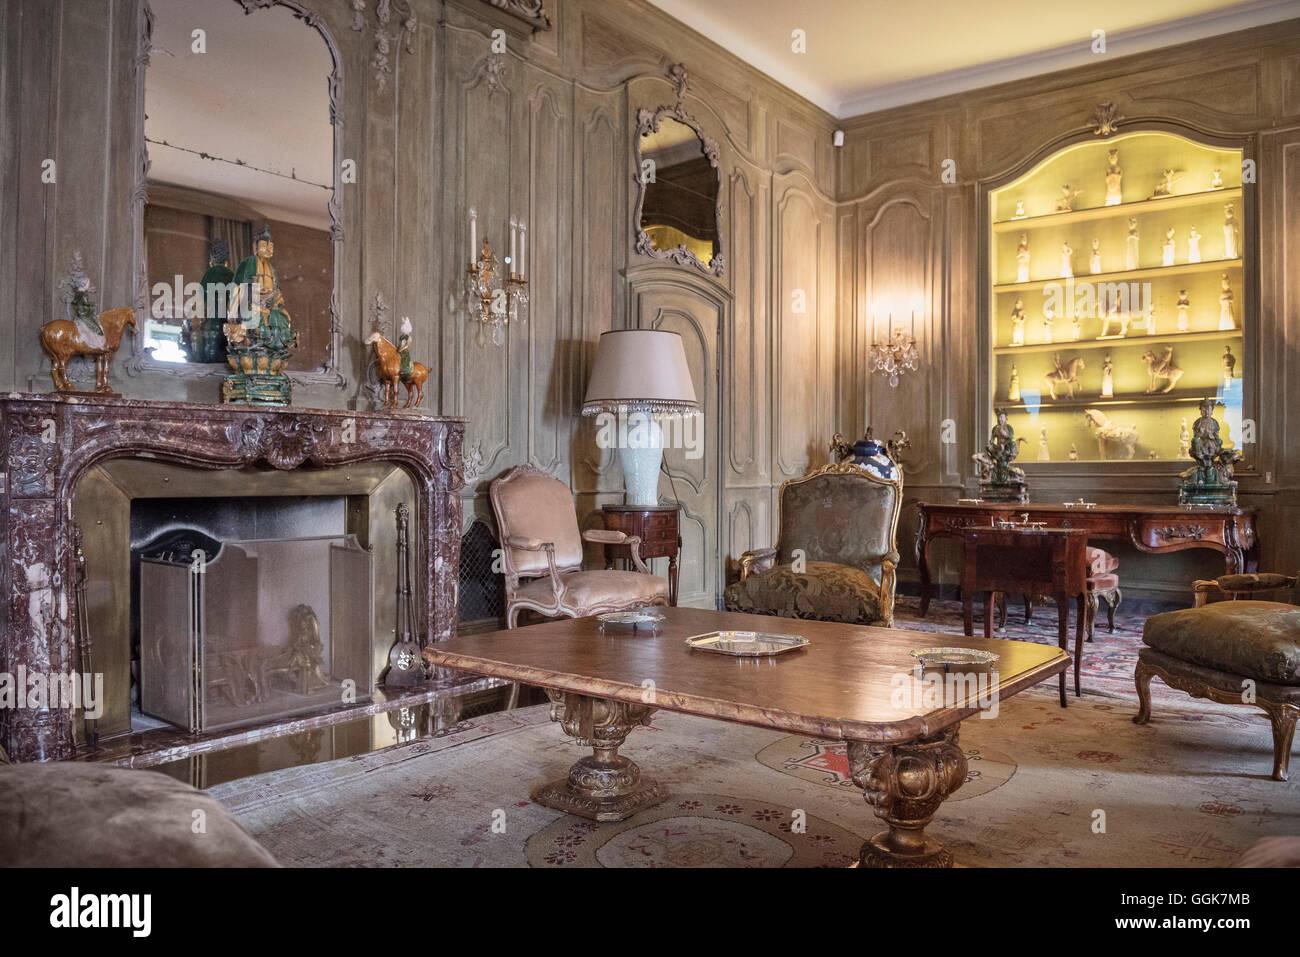 Interior view of a room in villa del balbianello lenno lake como lombardy italy europe